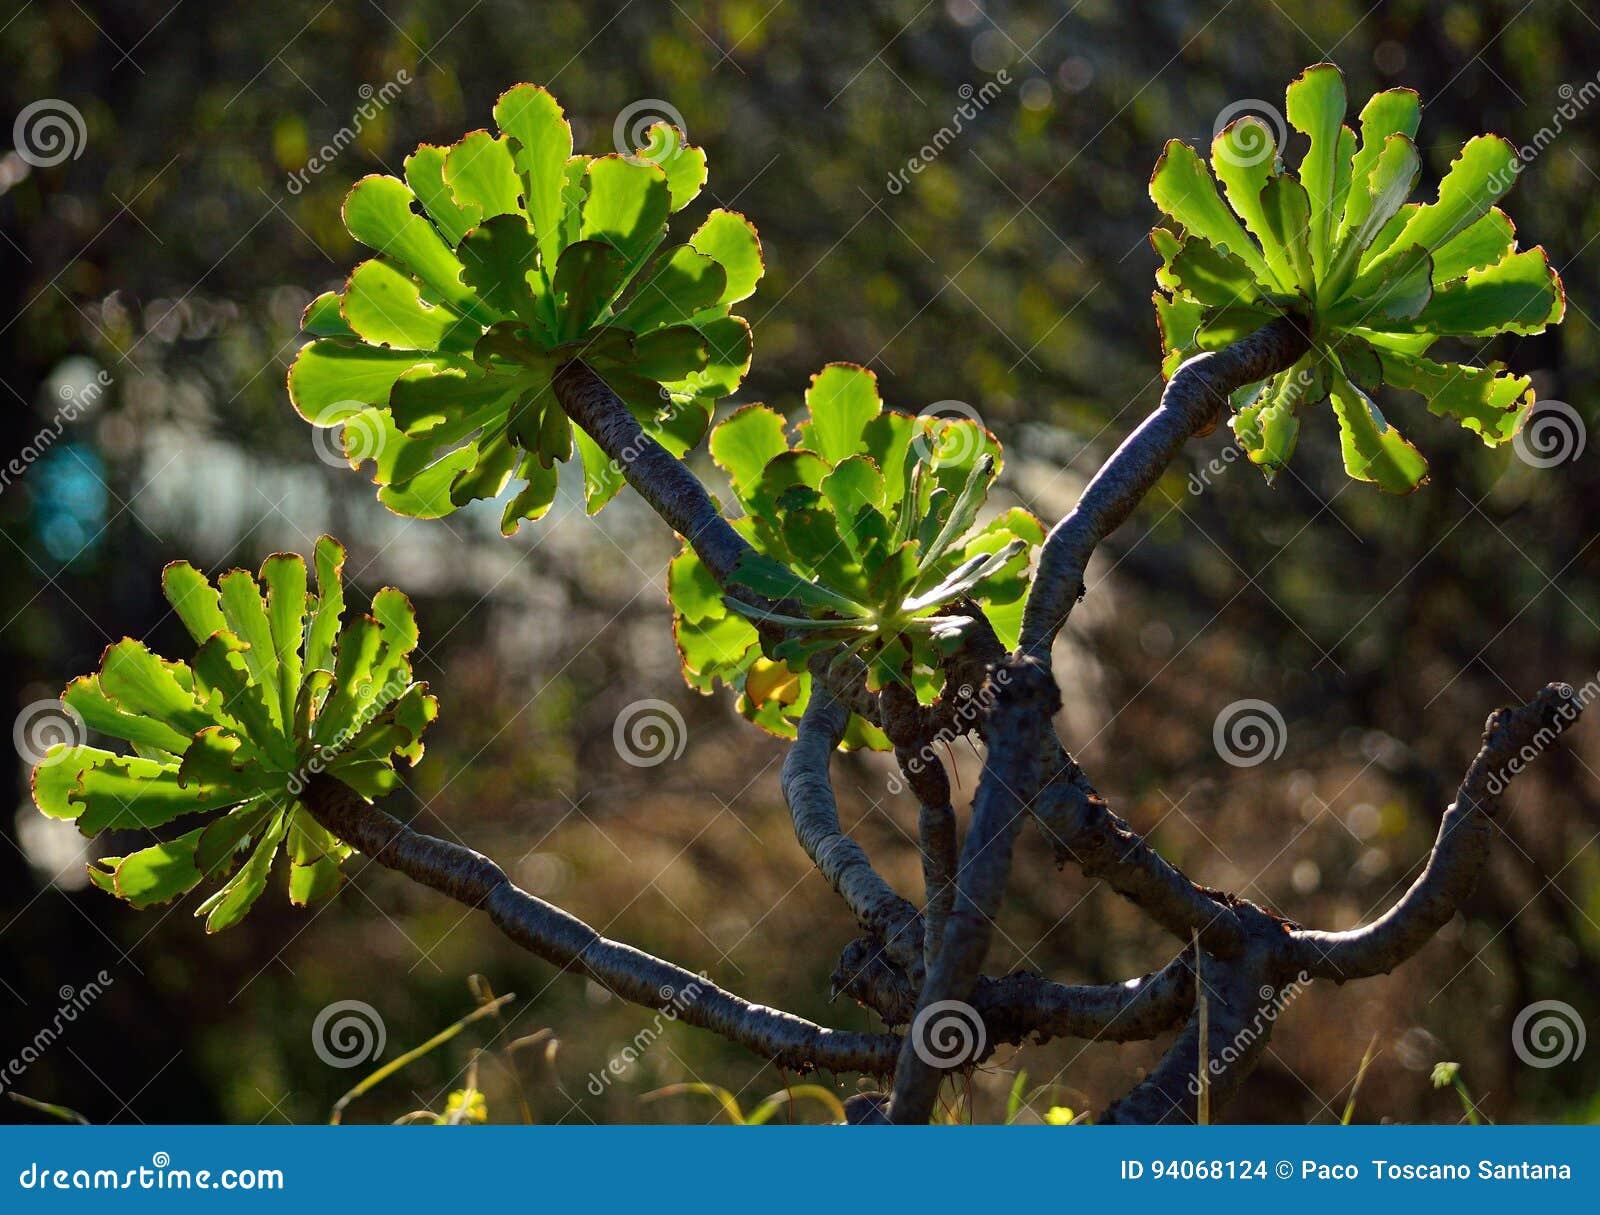 Branches of aeonium